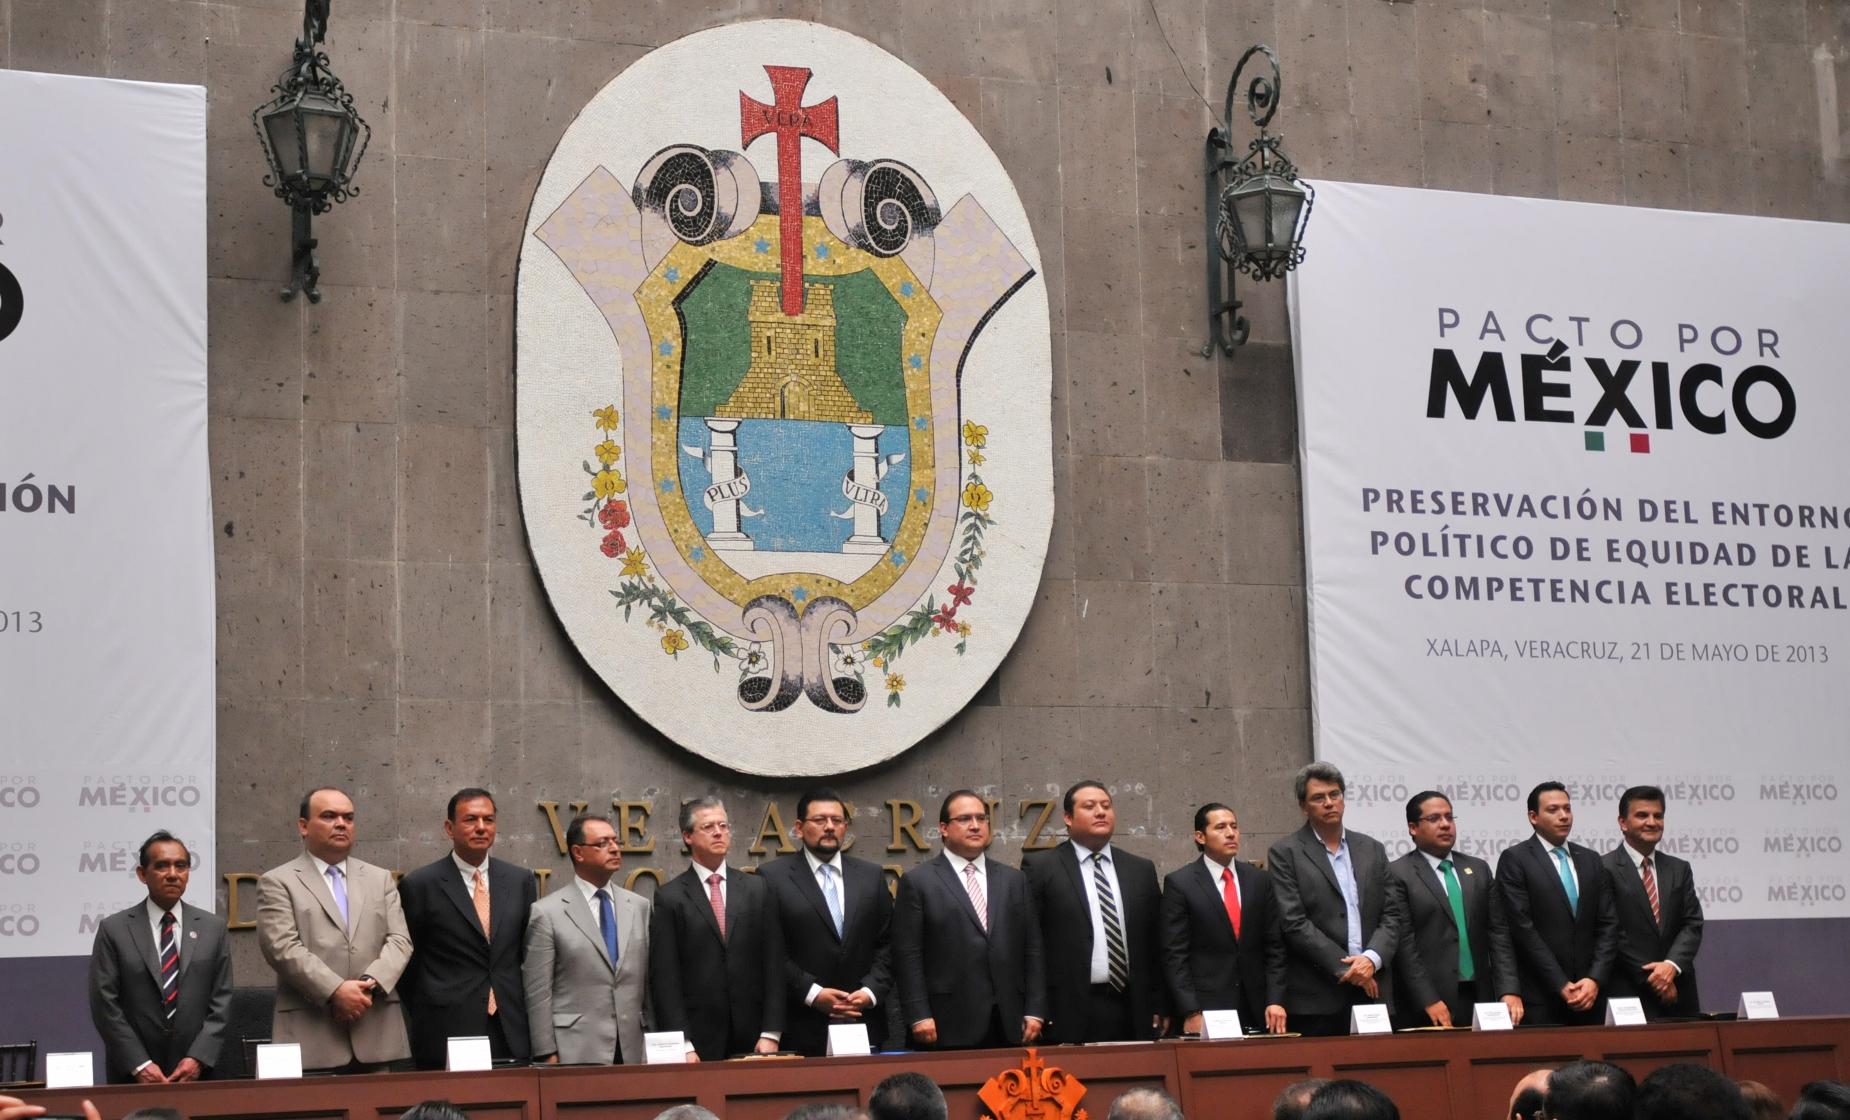 Reconocen partidos políticos apertura y espíritu democrático en Veracruz